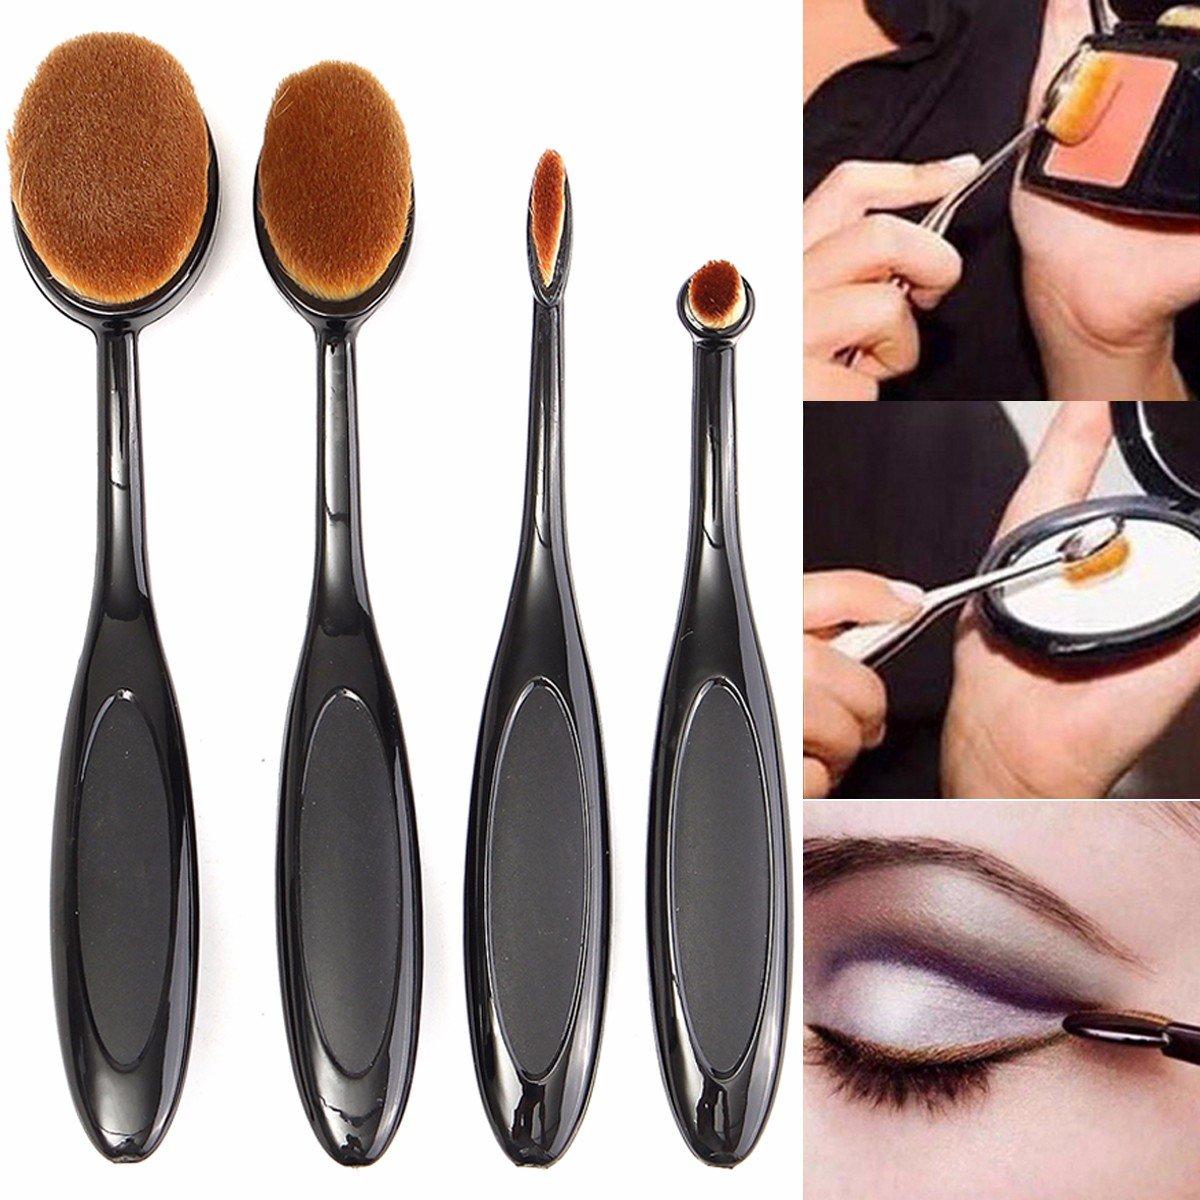 4шт Черная зубная щетка Кисти для макияжа Фонд бровей Овал пудра Крем-Brush Set